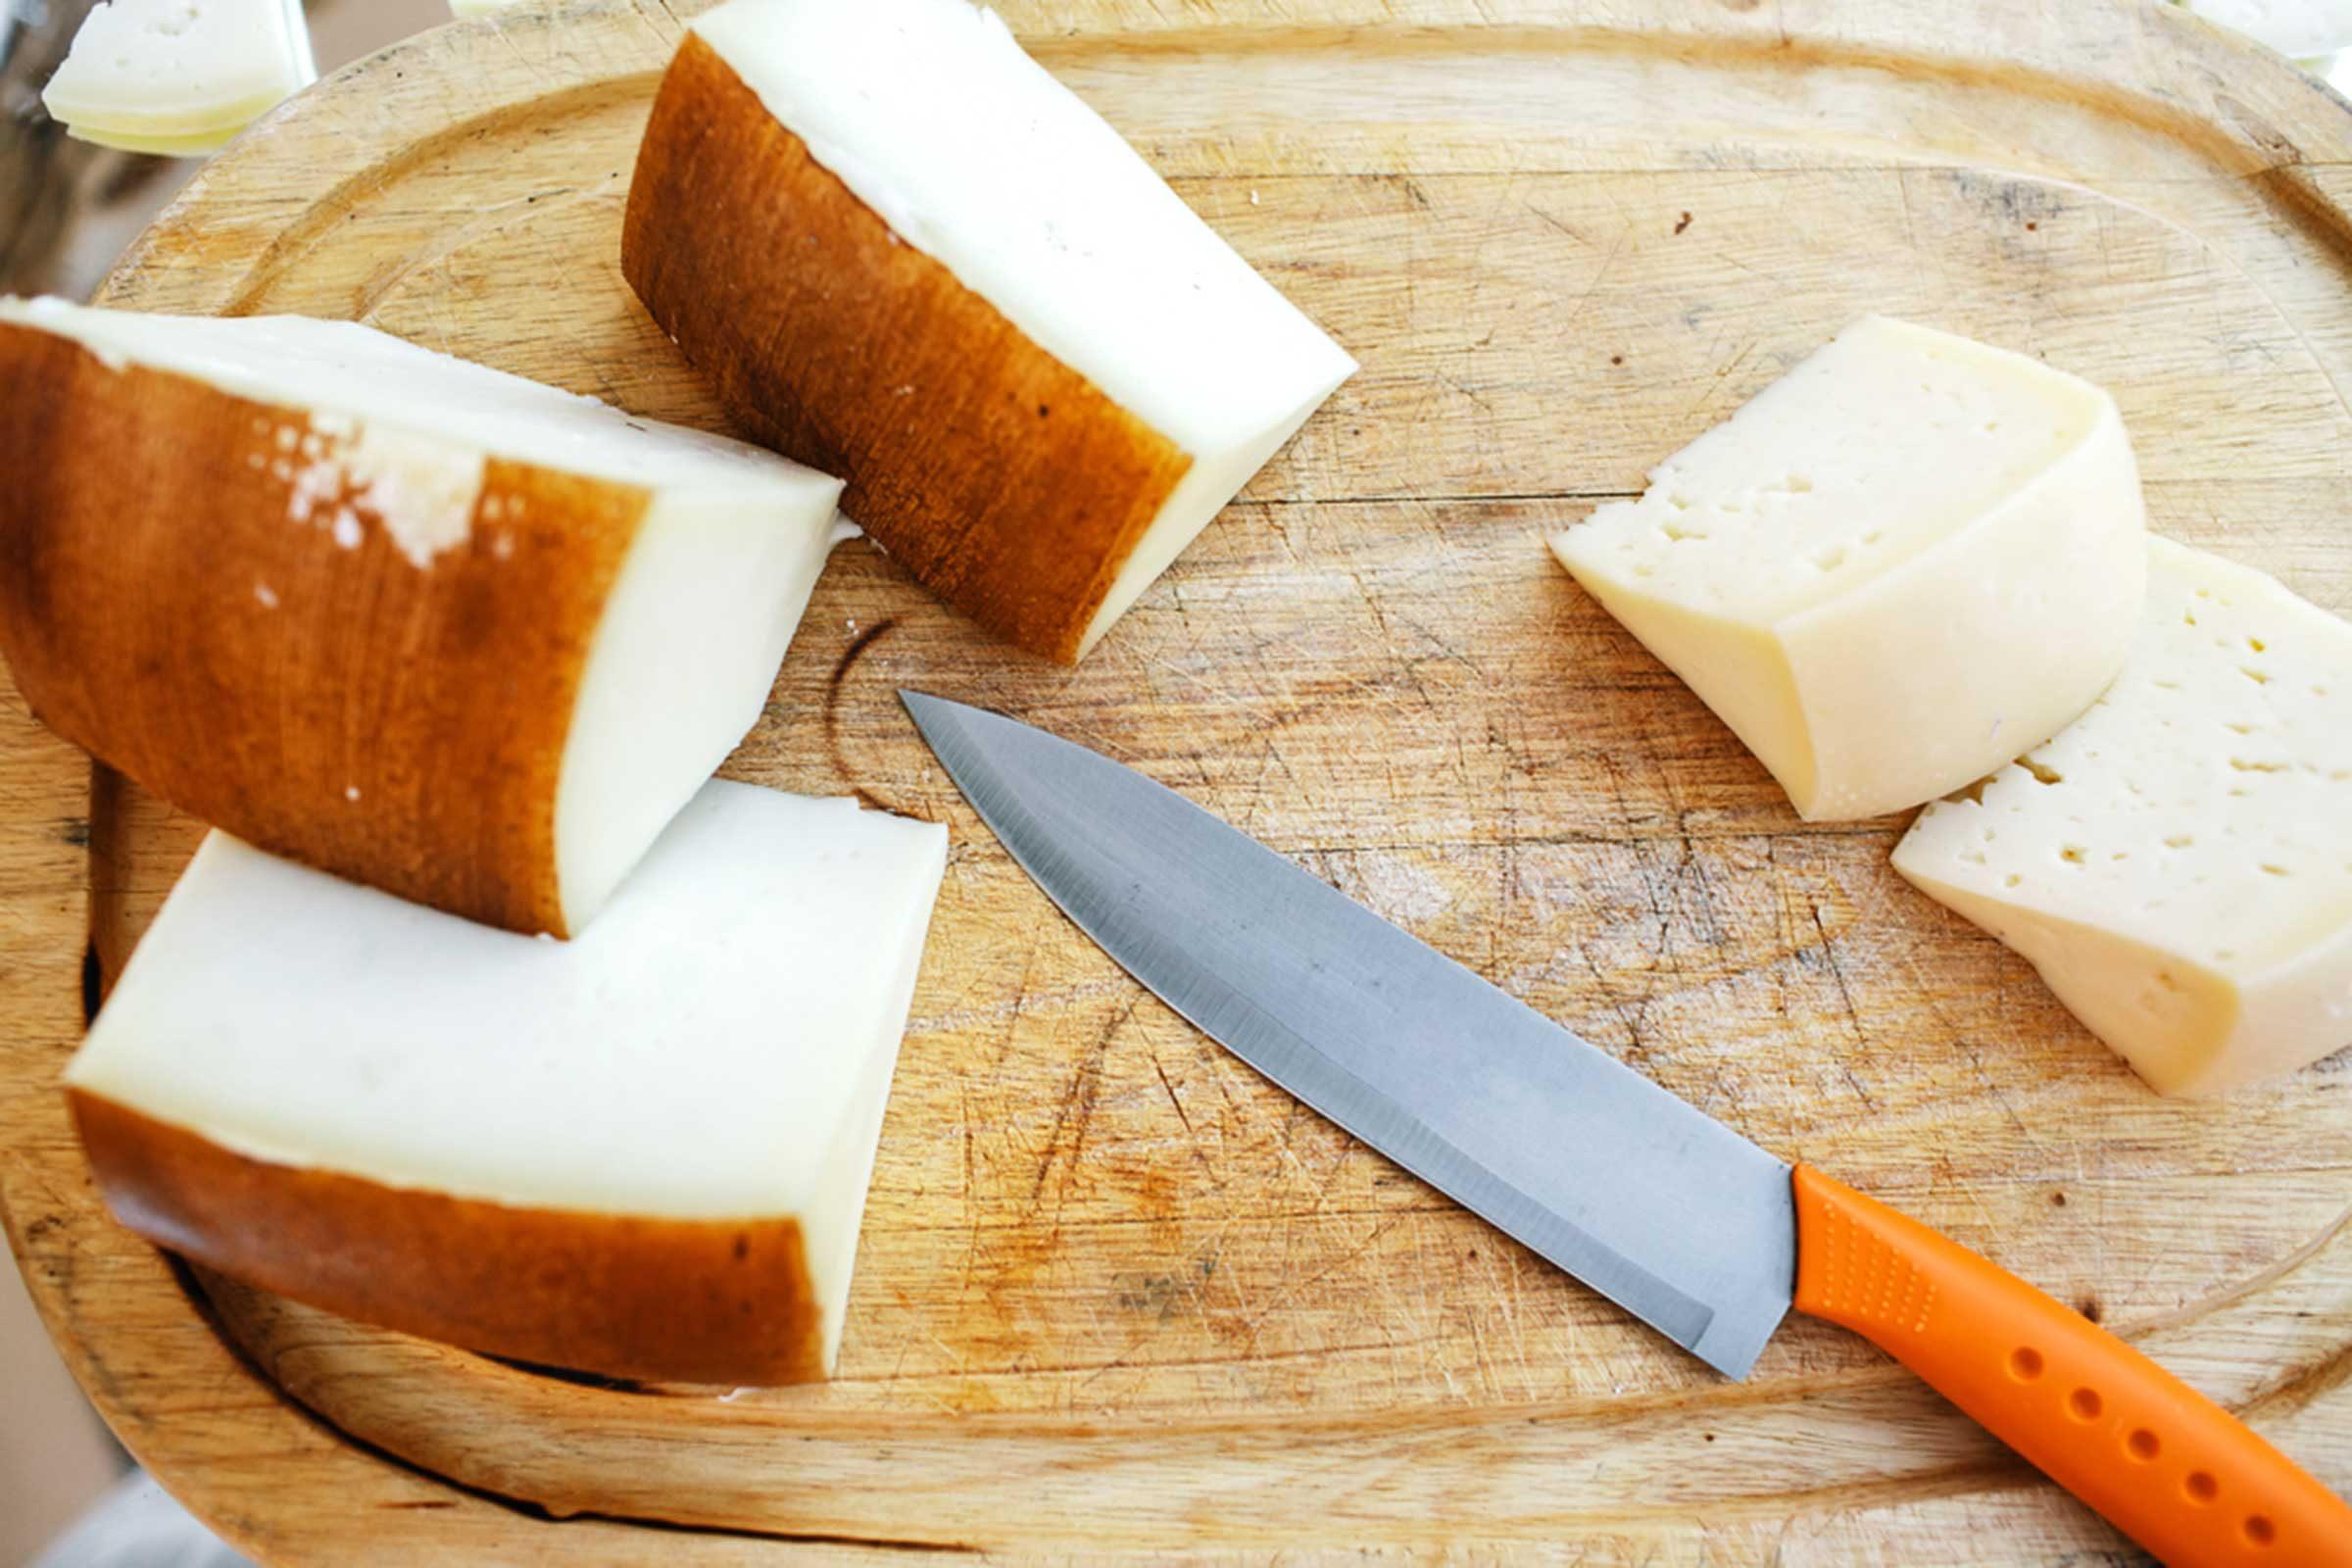 Toujours protéger la lame de vos couteaux de cuisine